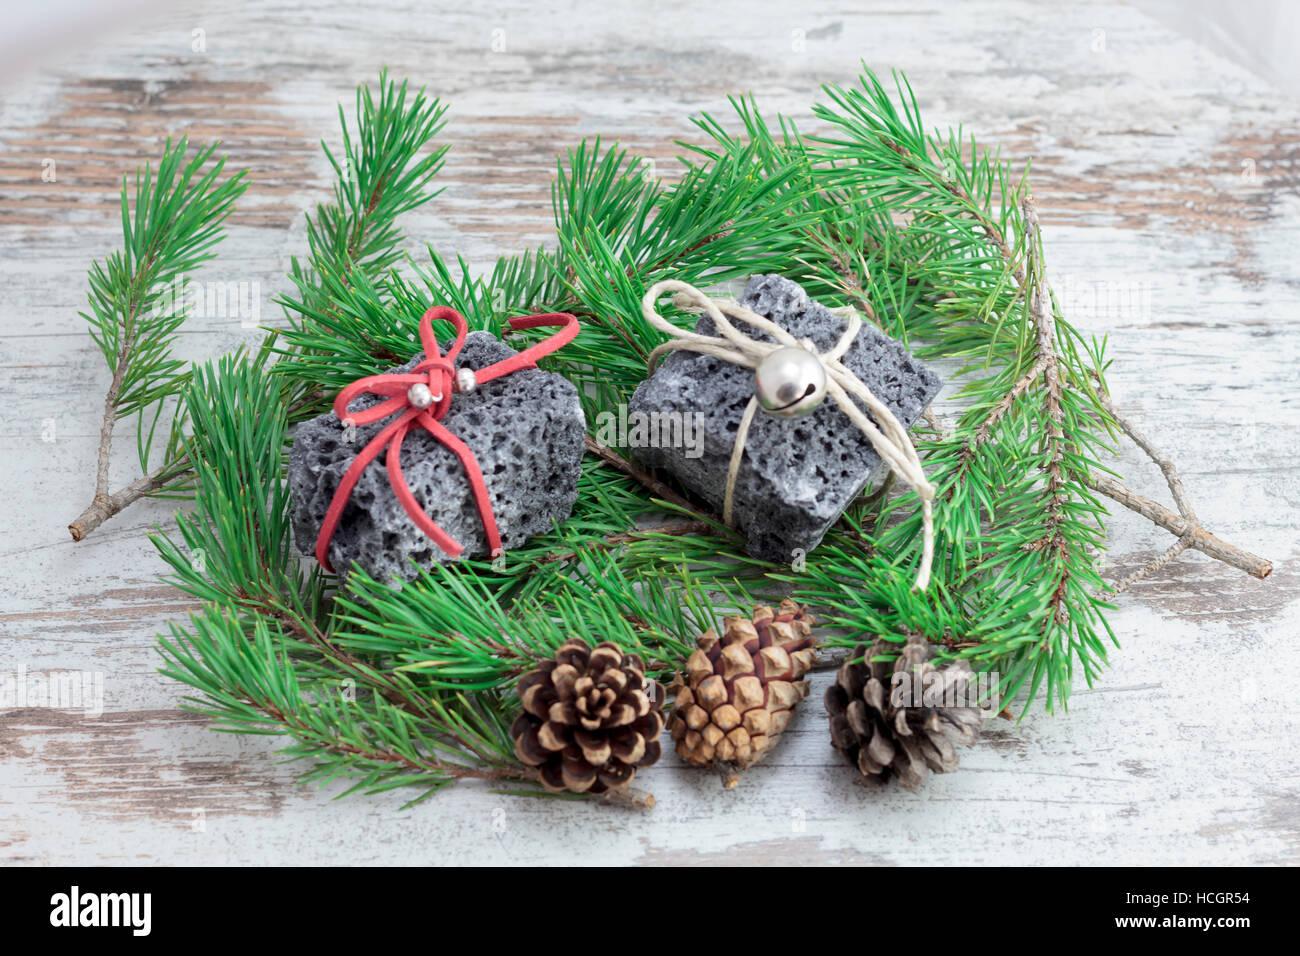 Weihnachten-Kohle und Kiefer verlässt, süßes Geschenk für freche ...